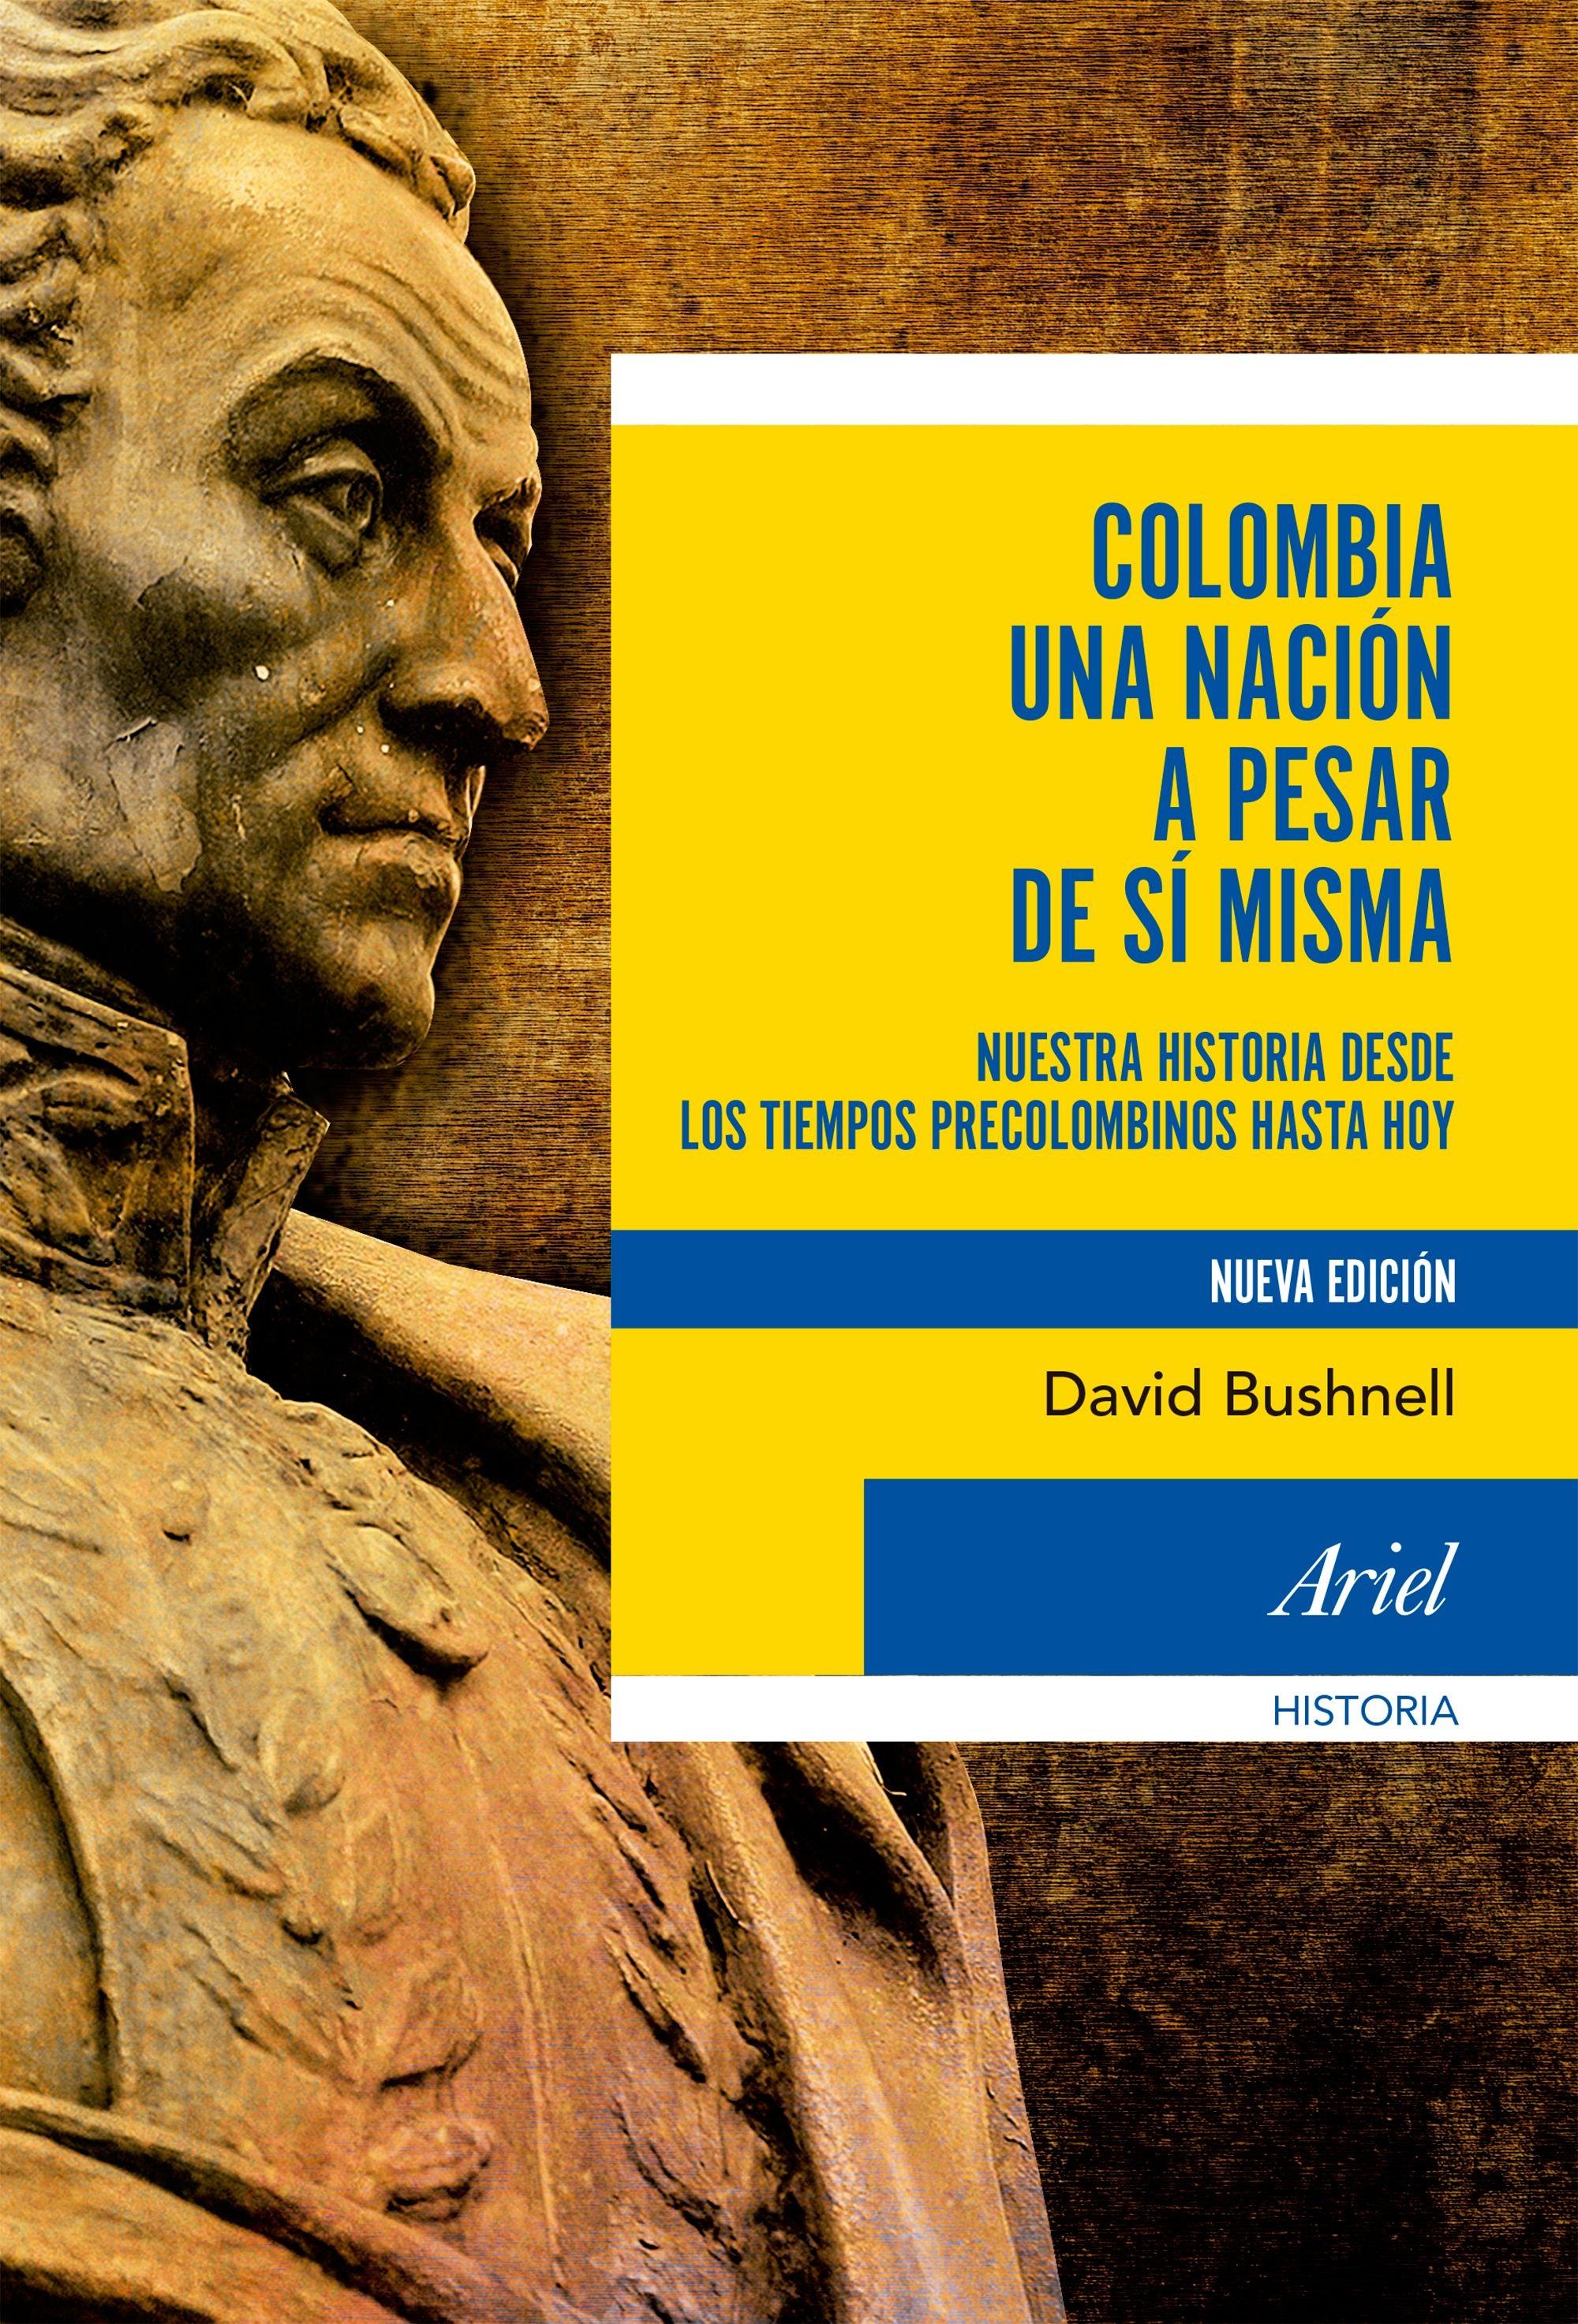 Colombia una Nación a Pesar de si Misma - David Bushnell - Ariel